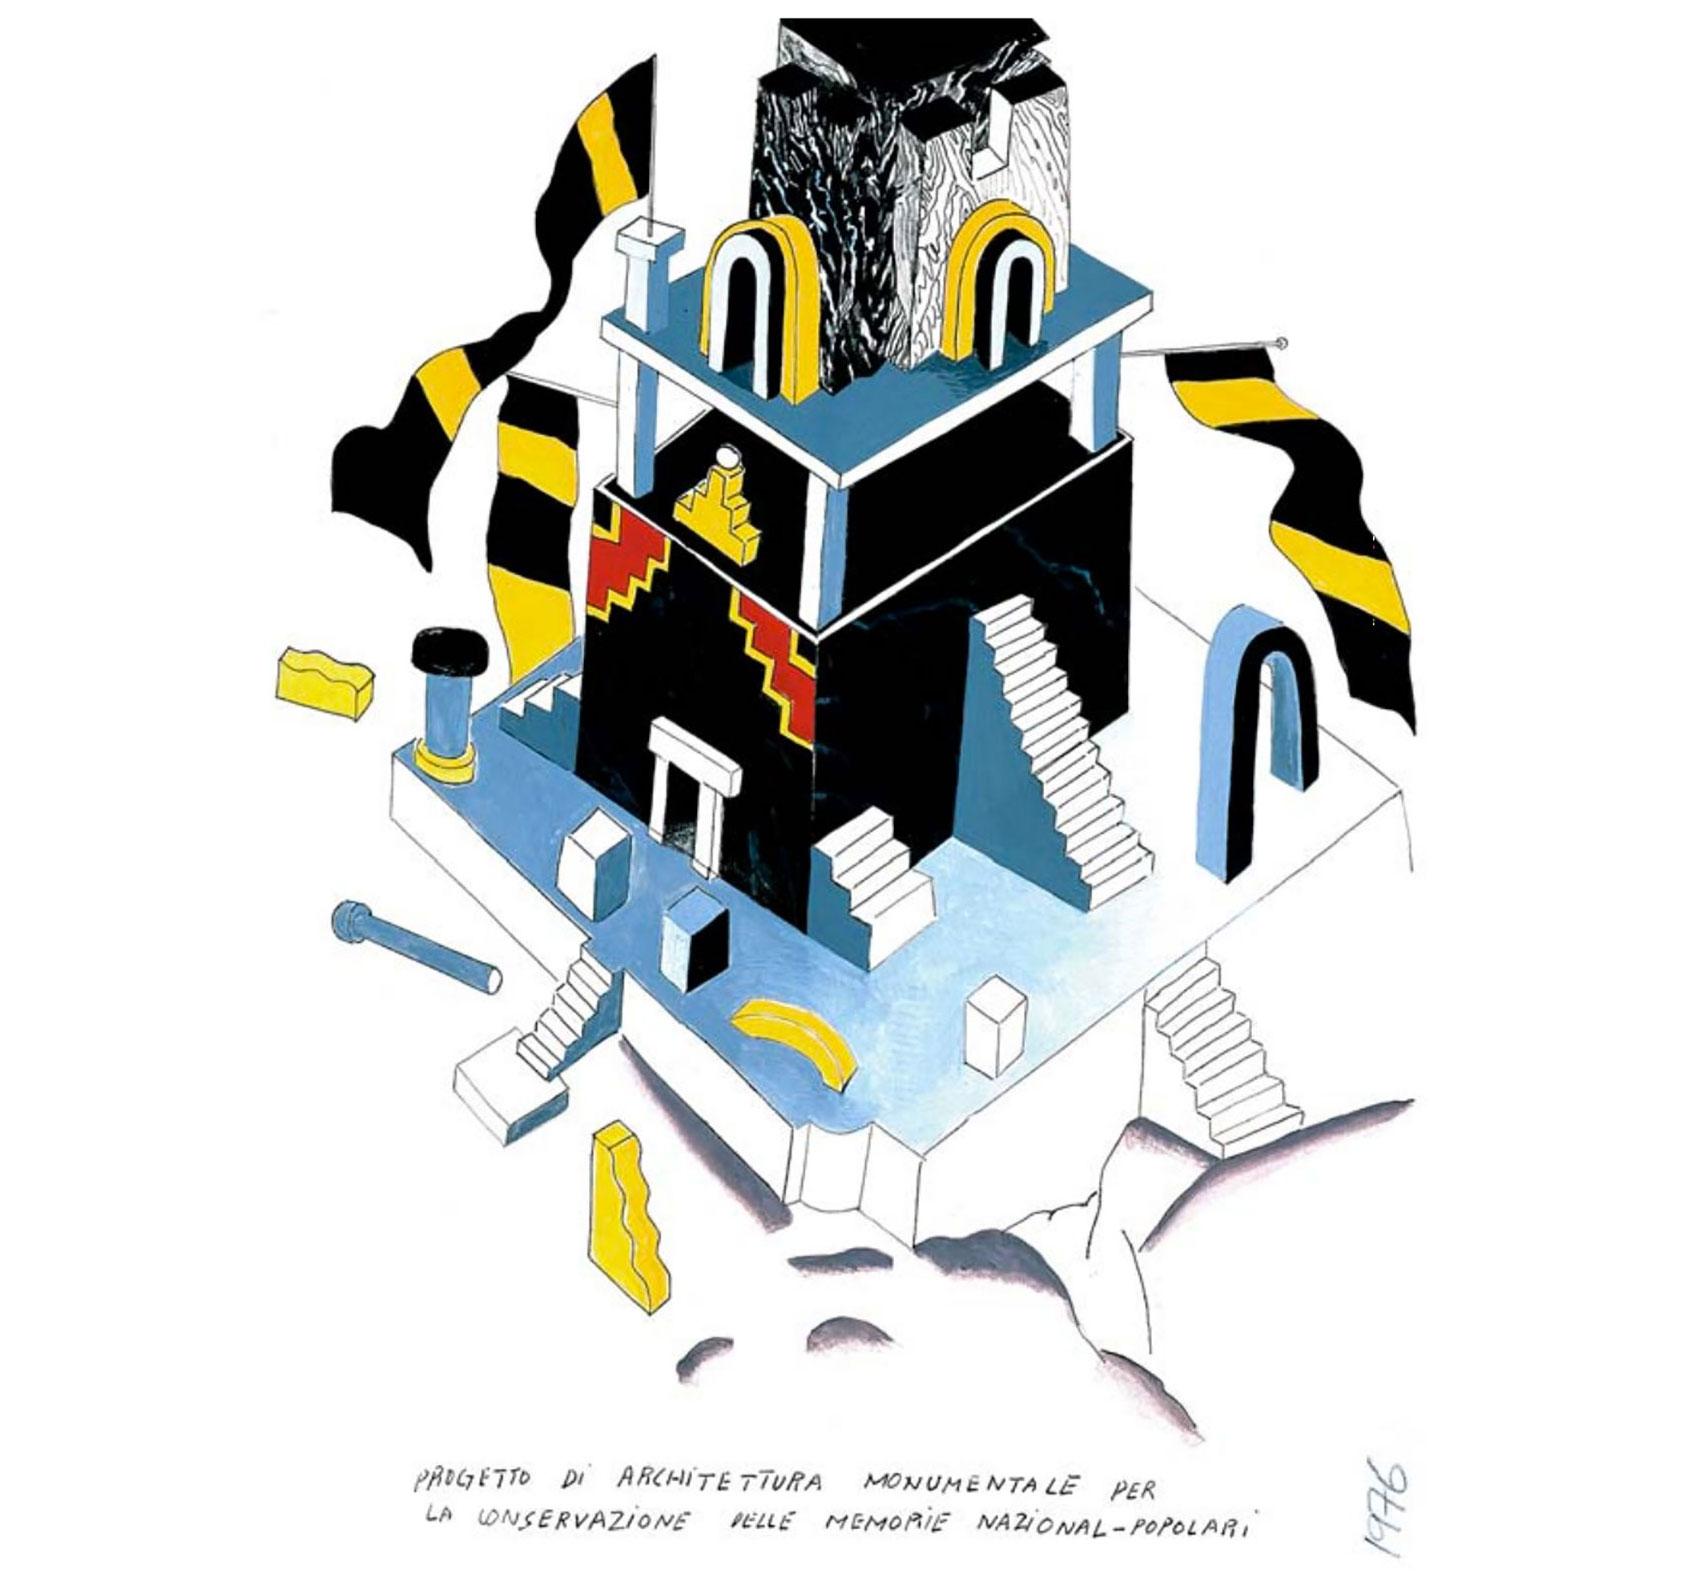 Ettore-Sottsass-Progetto-di-scuola-materna-1973-dessin